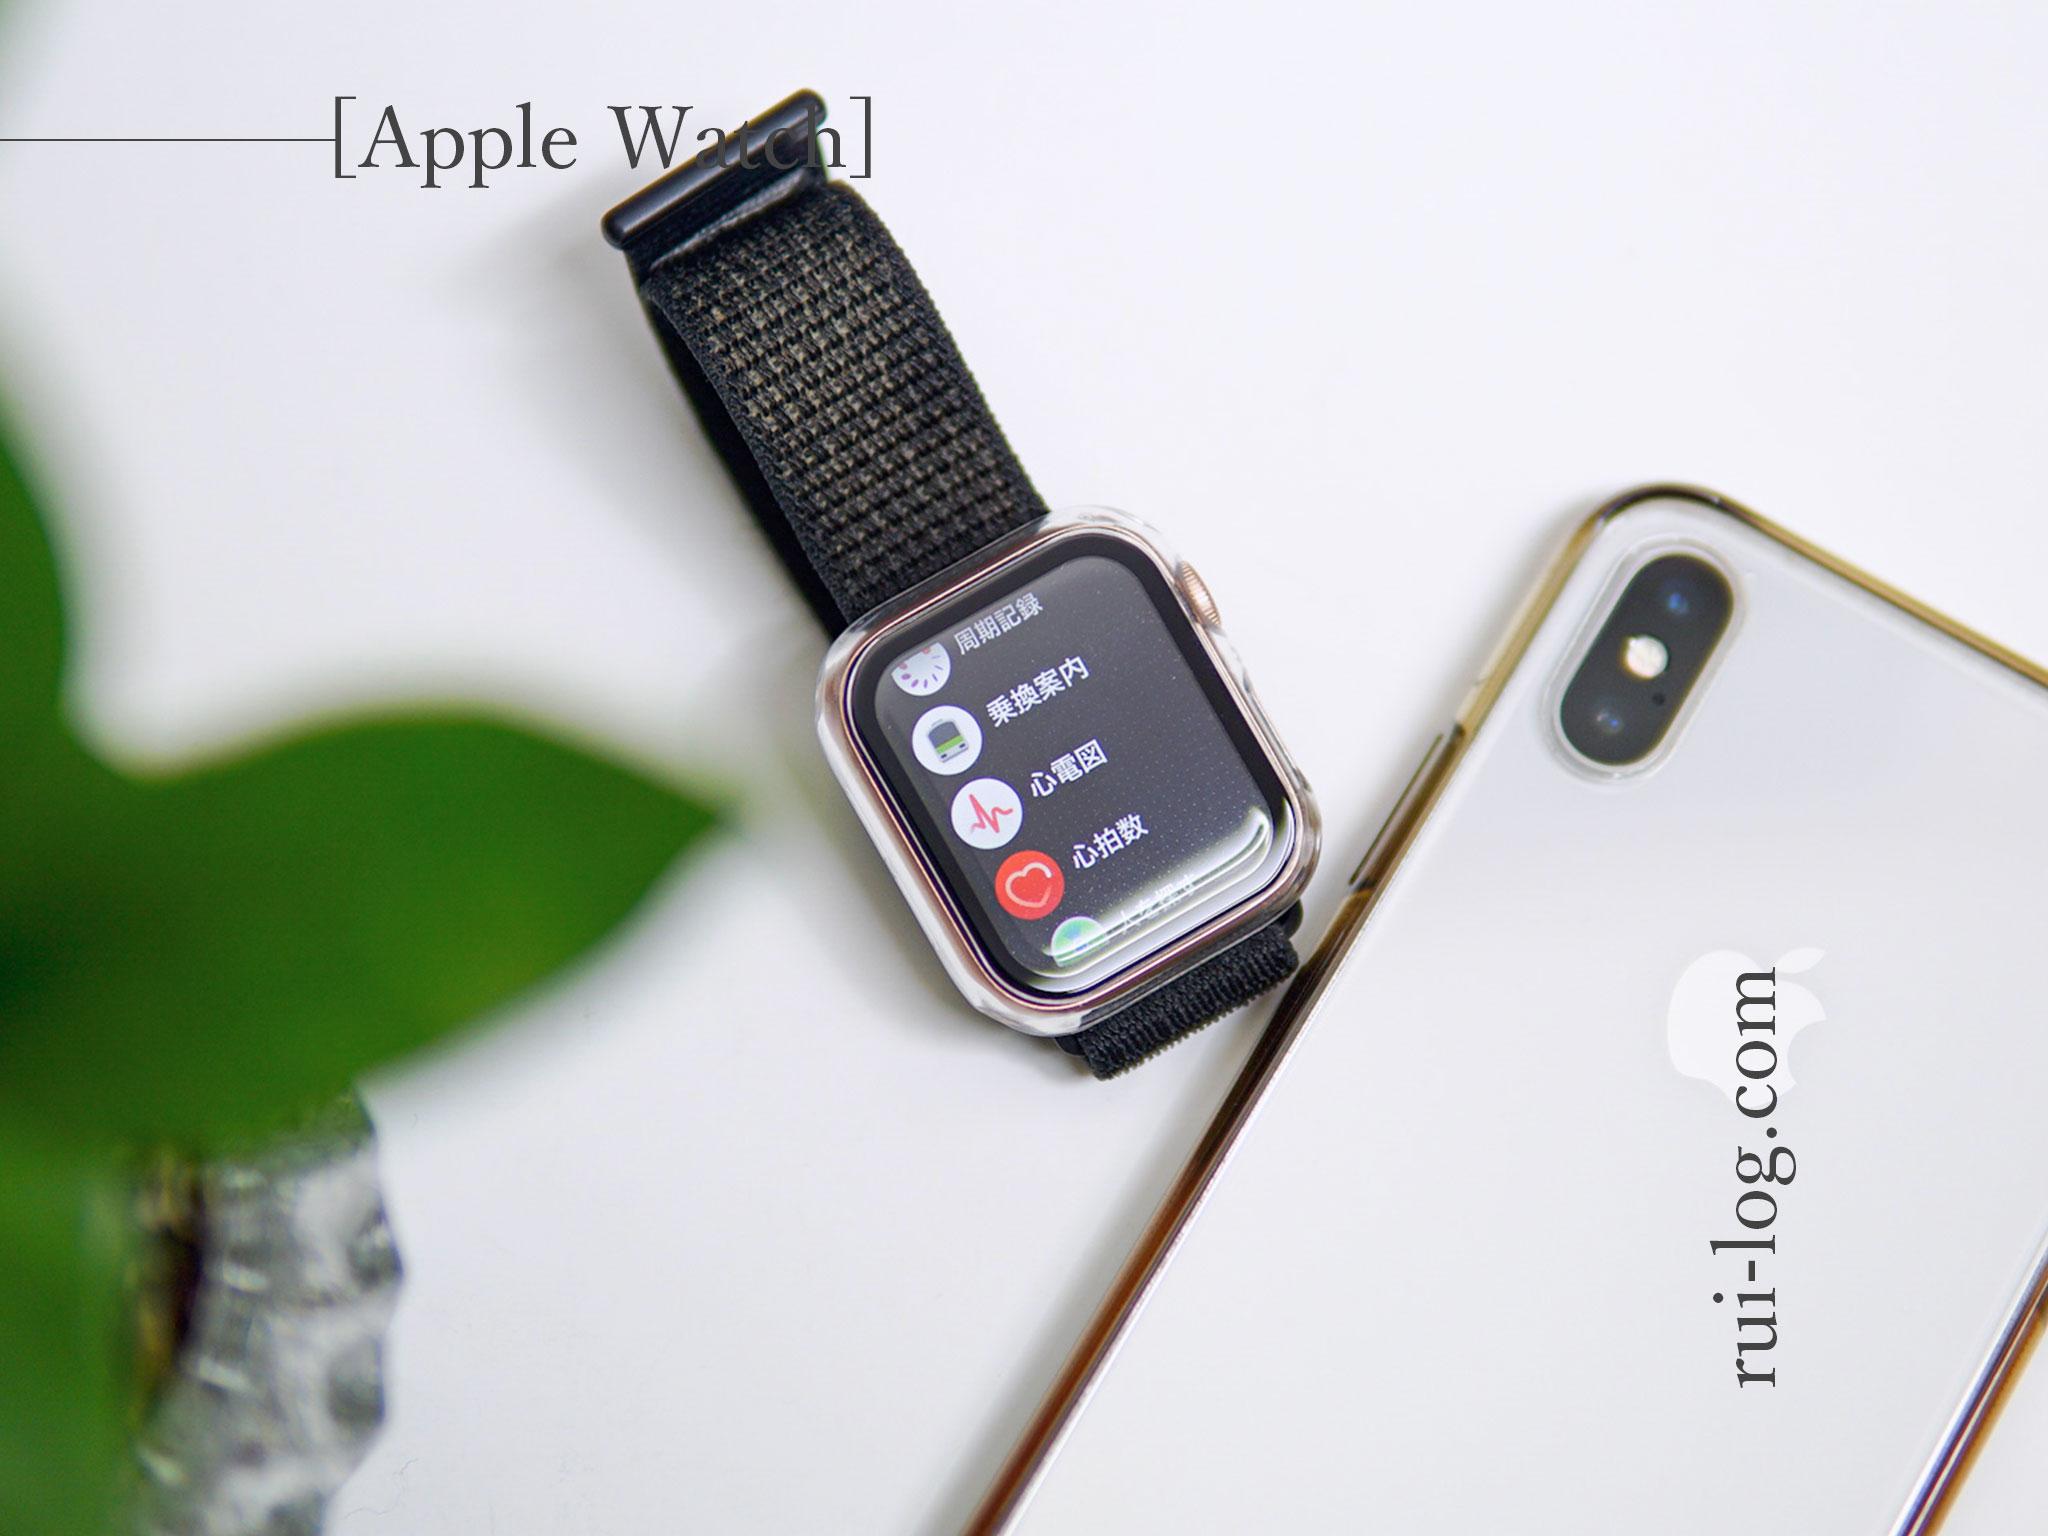 Apple Watch心電図機能アプリの使い方と設定方法をルイログが紹介